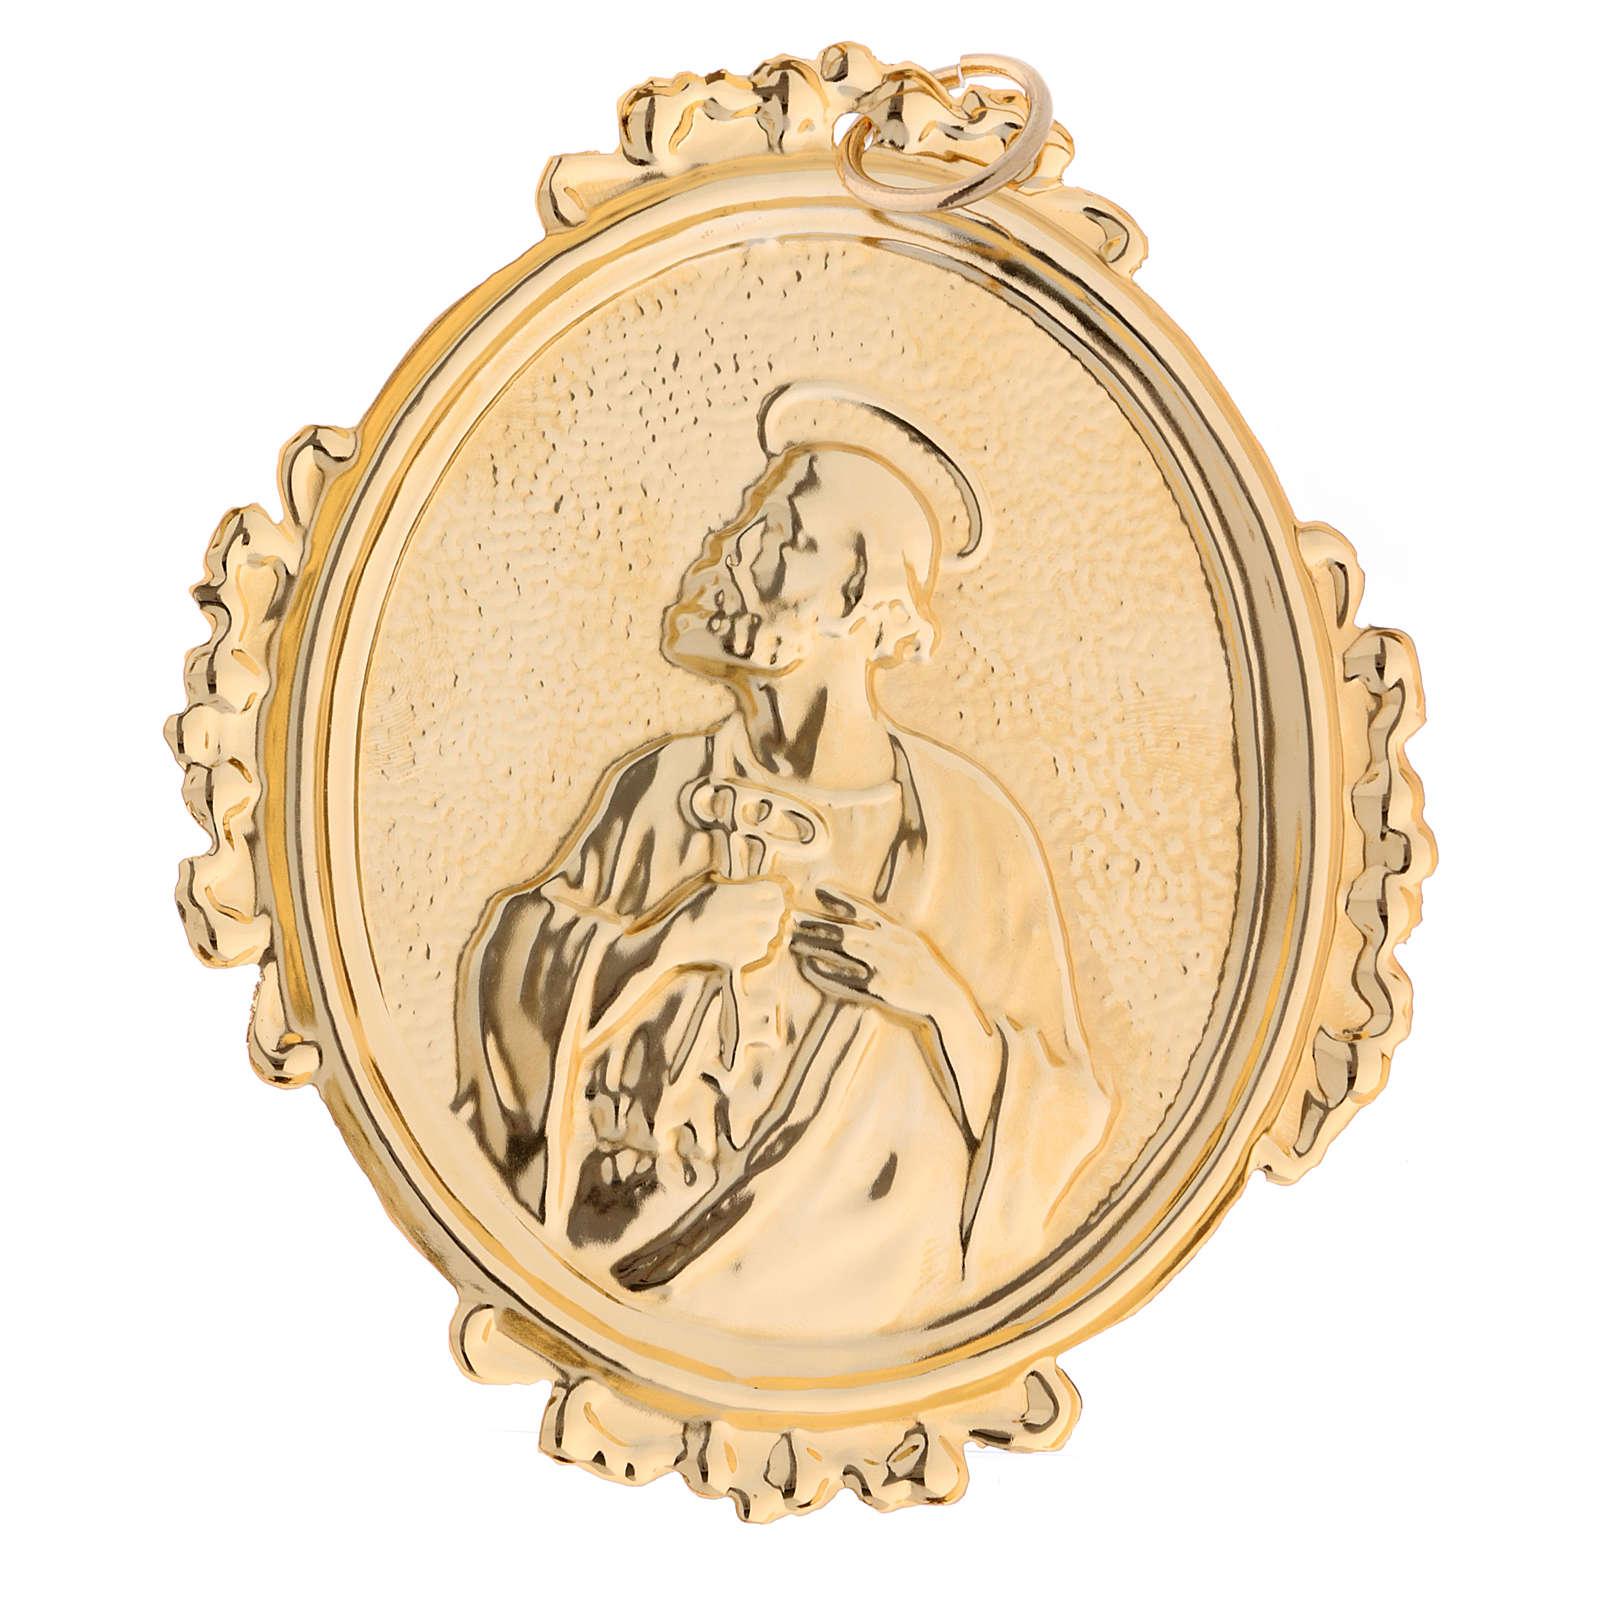 Medaglione confraternite San Pietro ottone 3